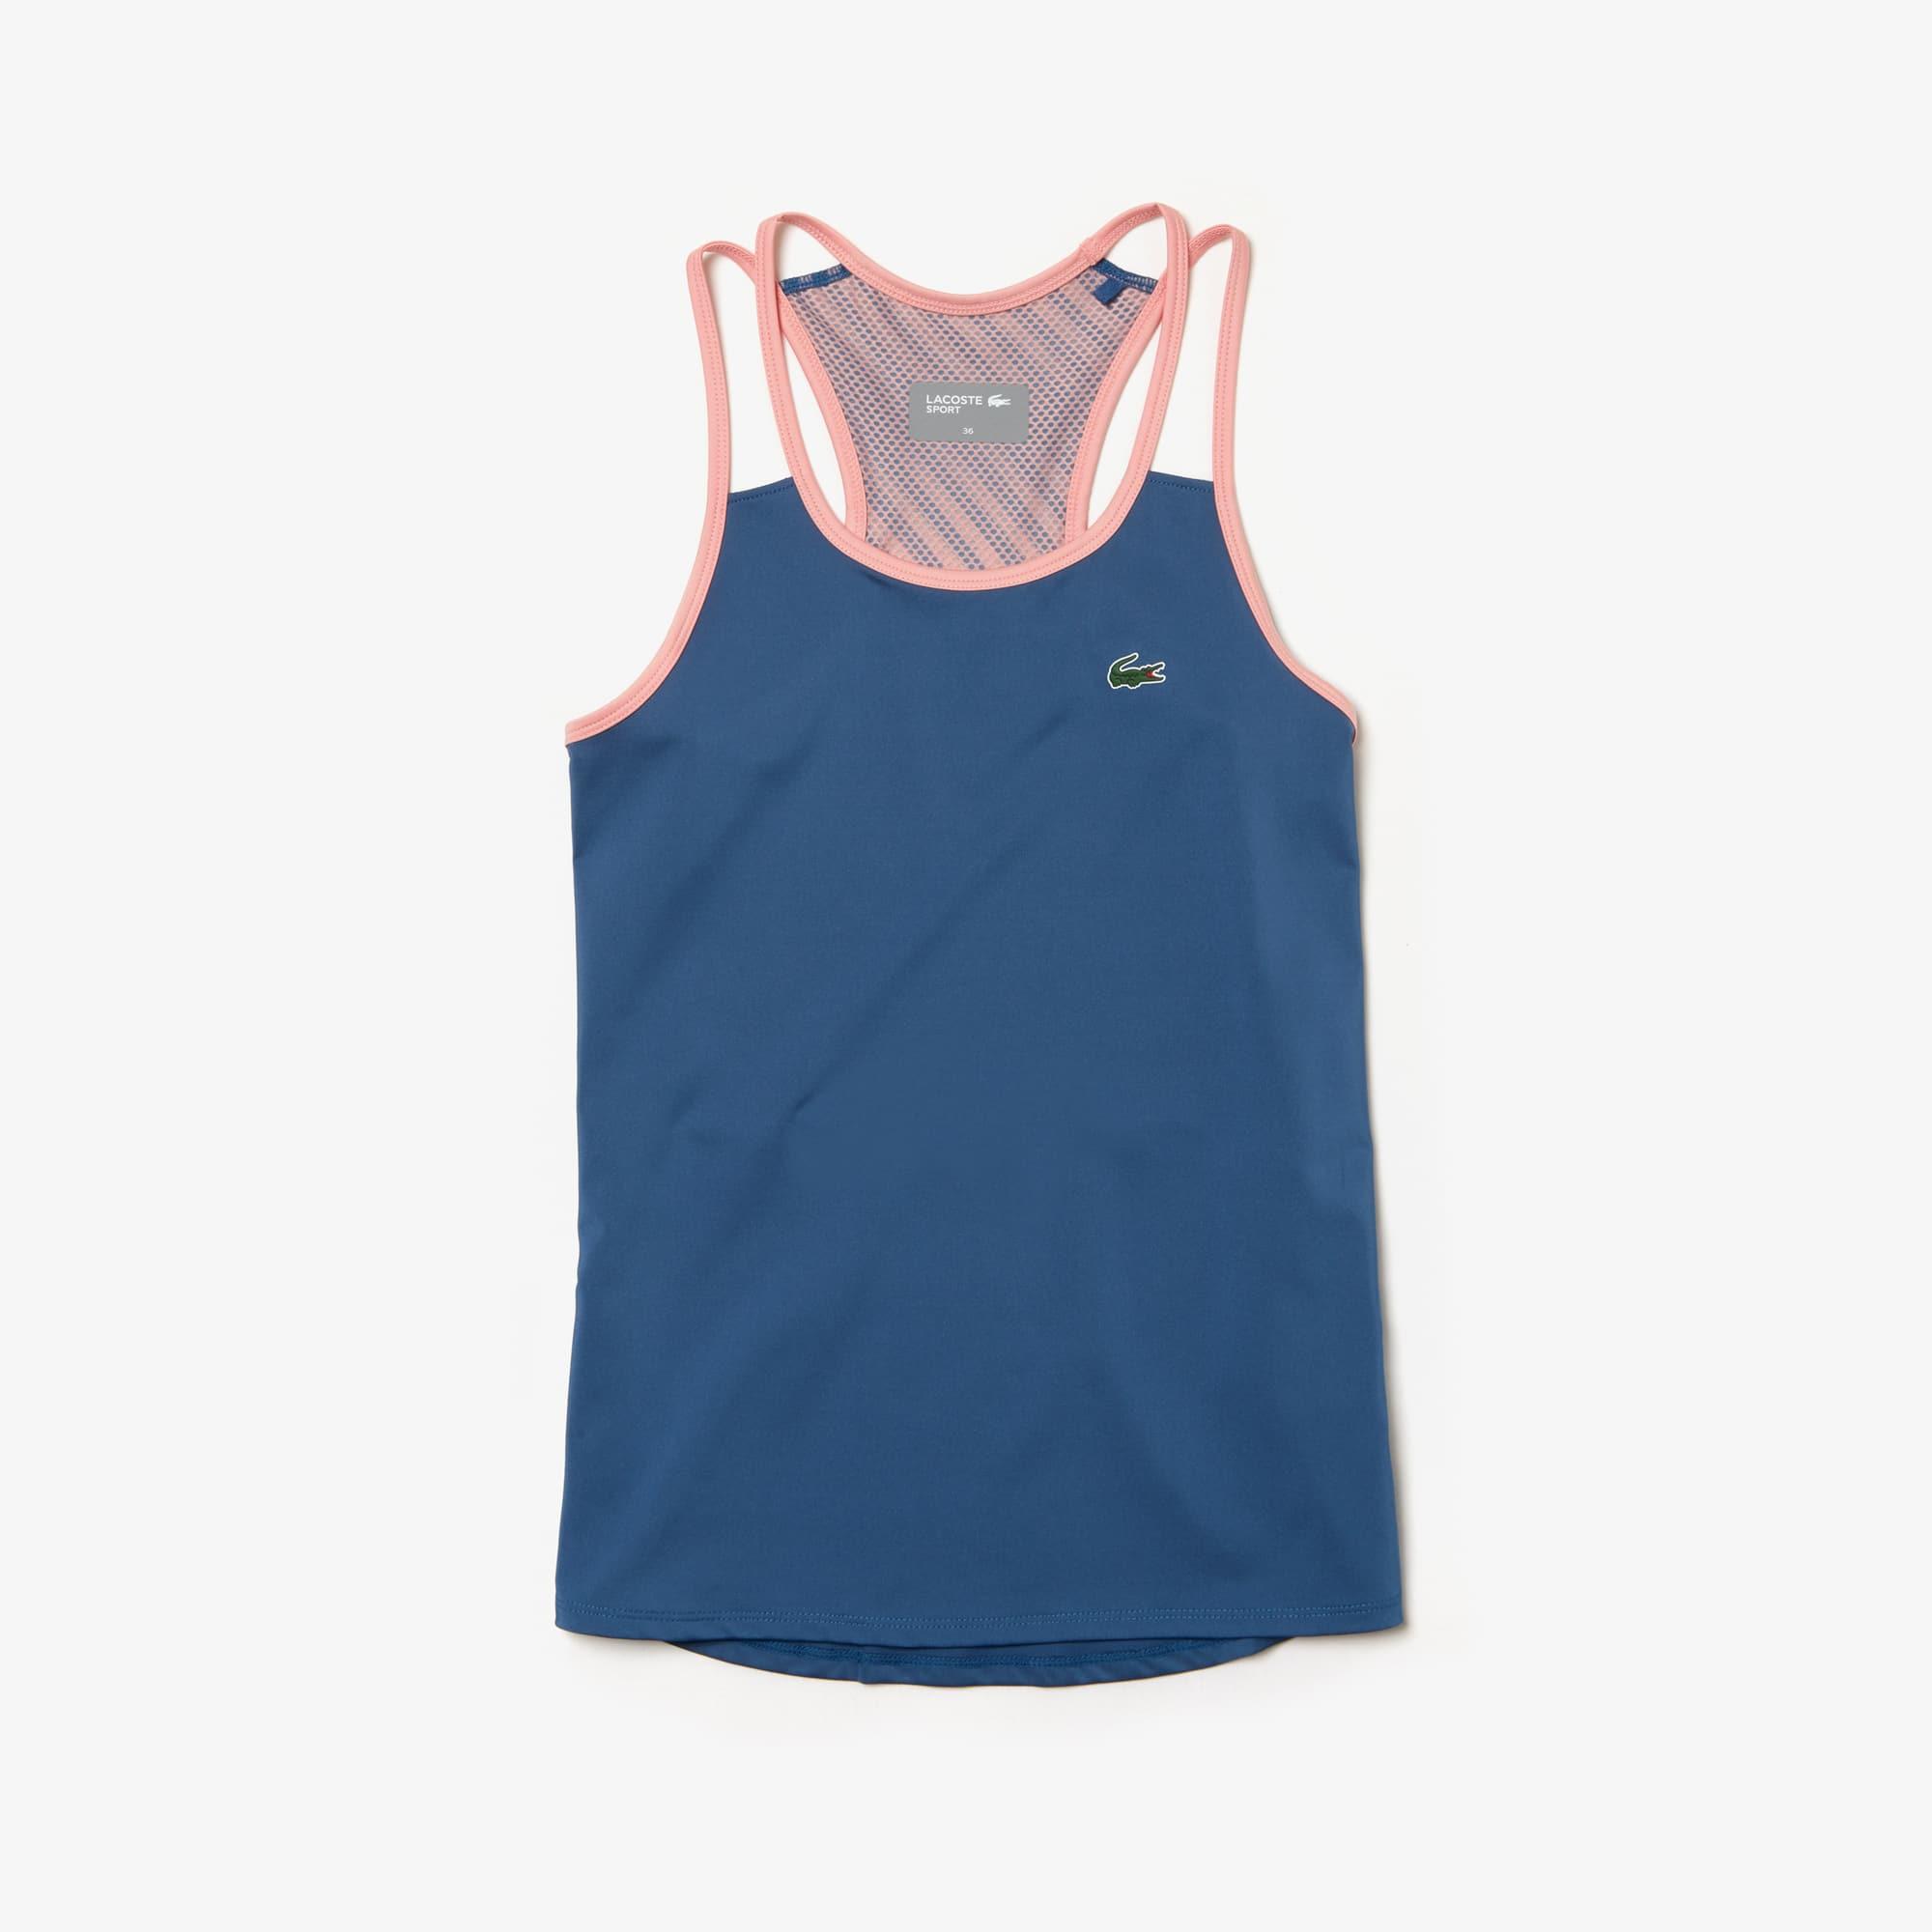 라코스테 Lacoste Womens SPORT Tech Jersey Racerback Tennis Tank Top,blue / pink / pink